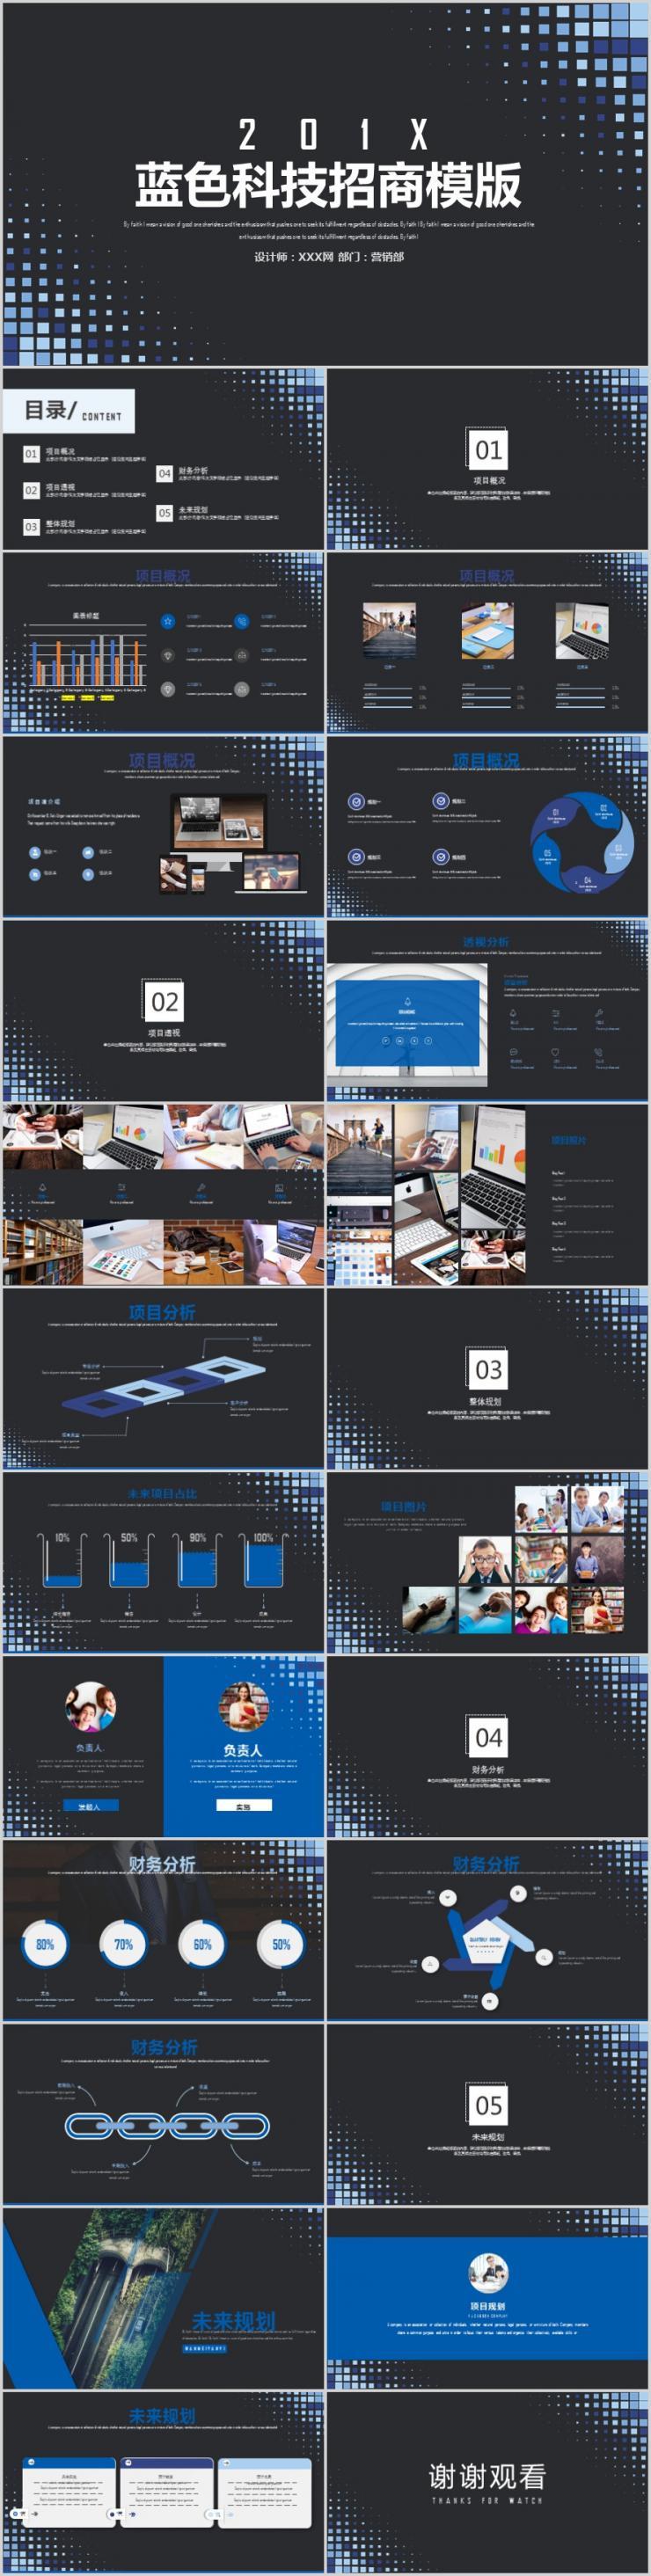 2018蓝色科技风招商计划方案PPT模板